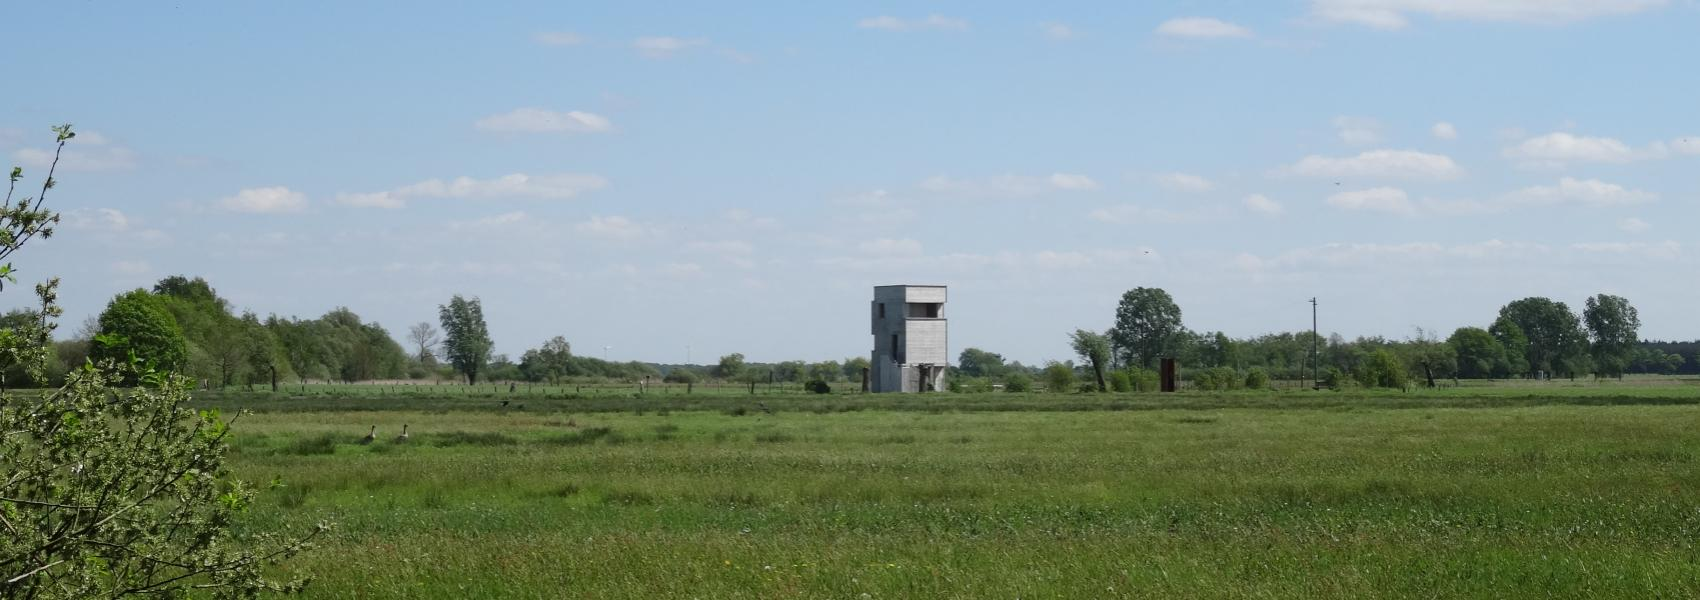 Uitkijktoren De Klot in Maatjes